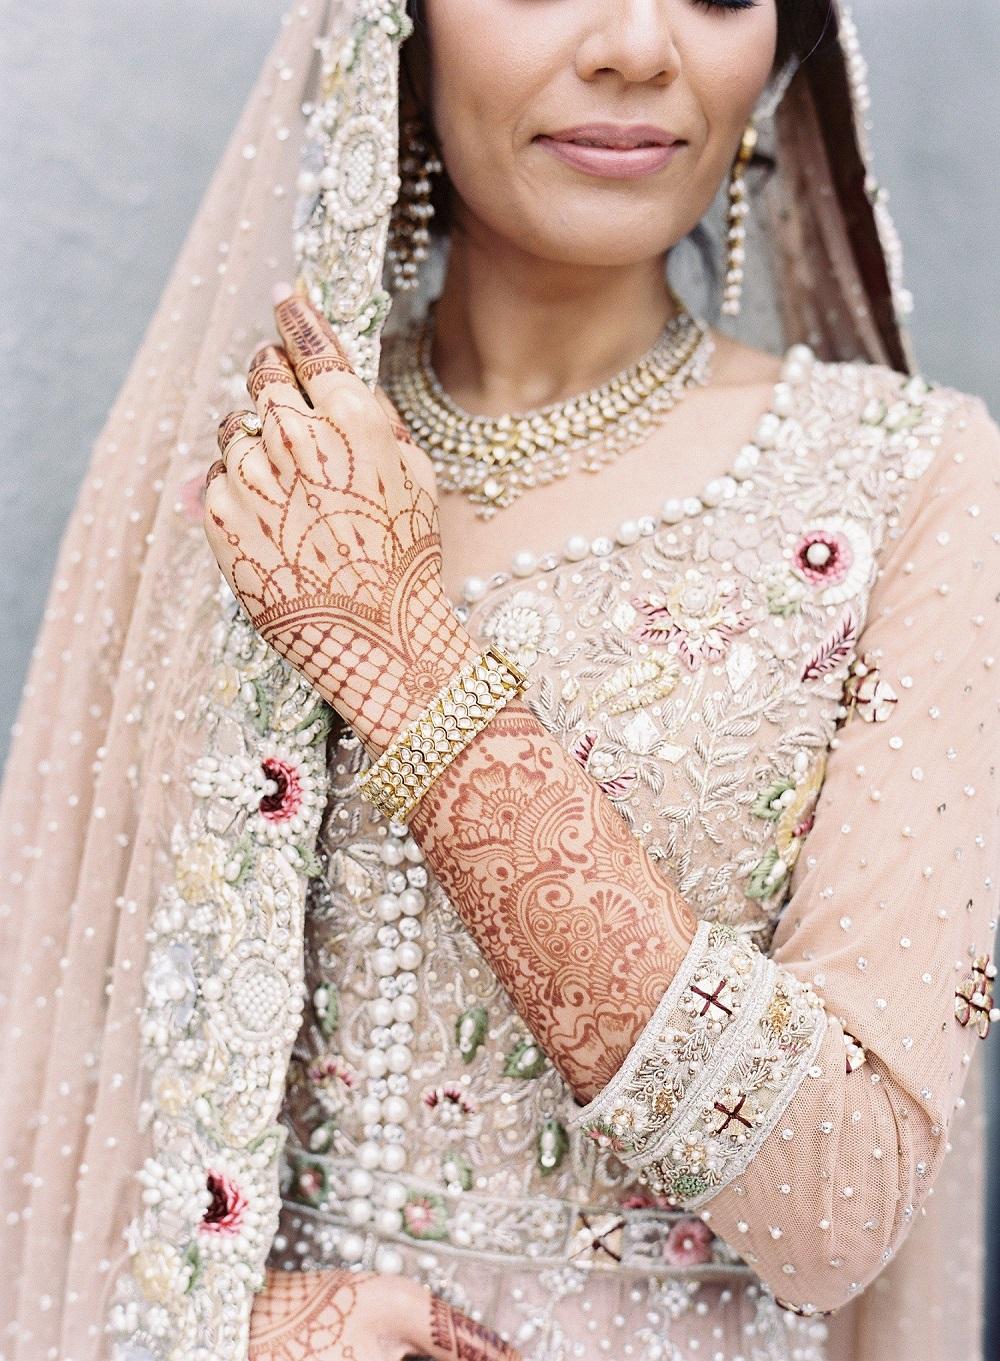 Bruidshenna bij een Indiase bruid